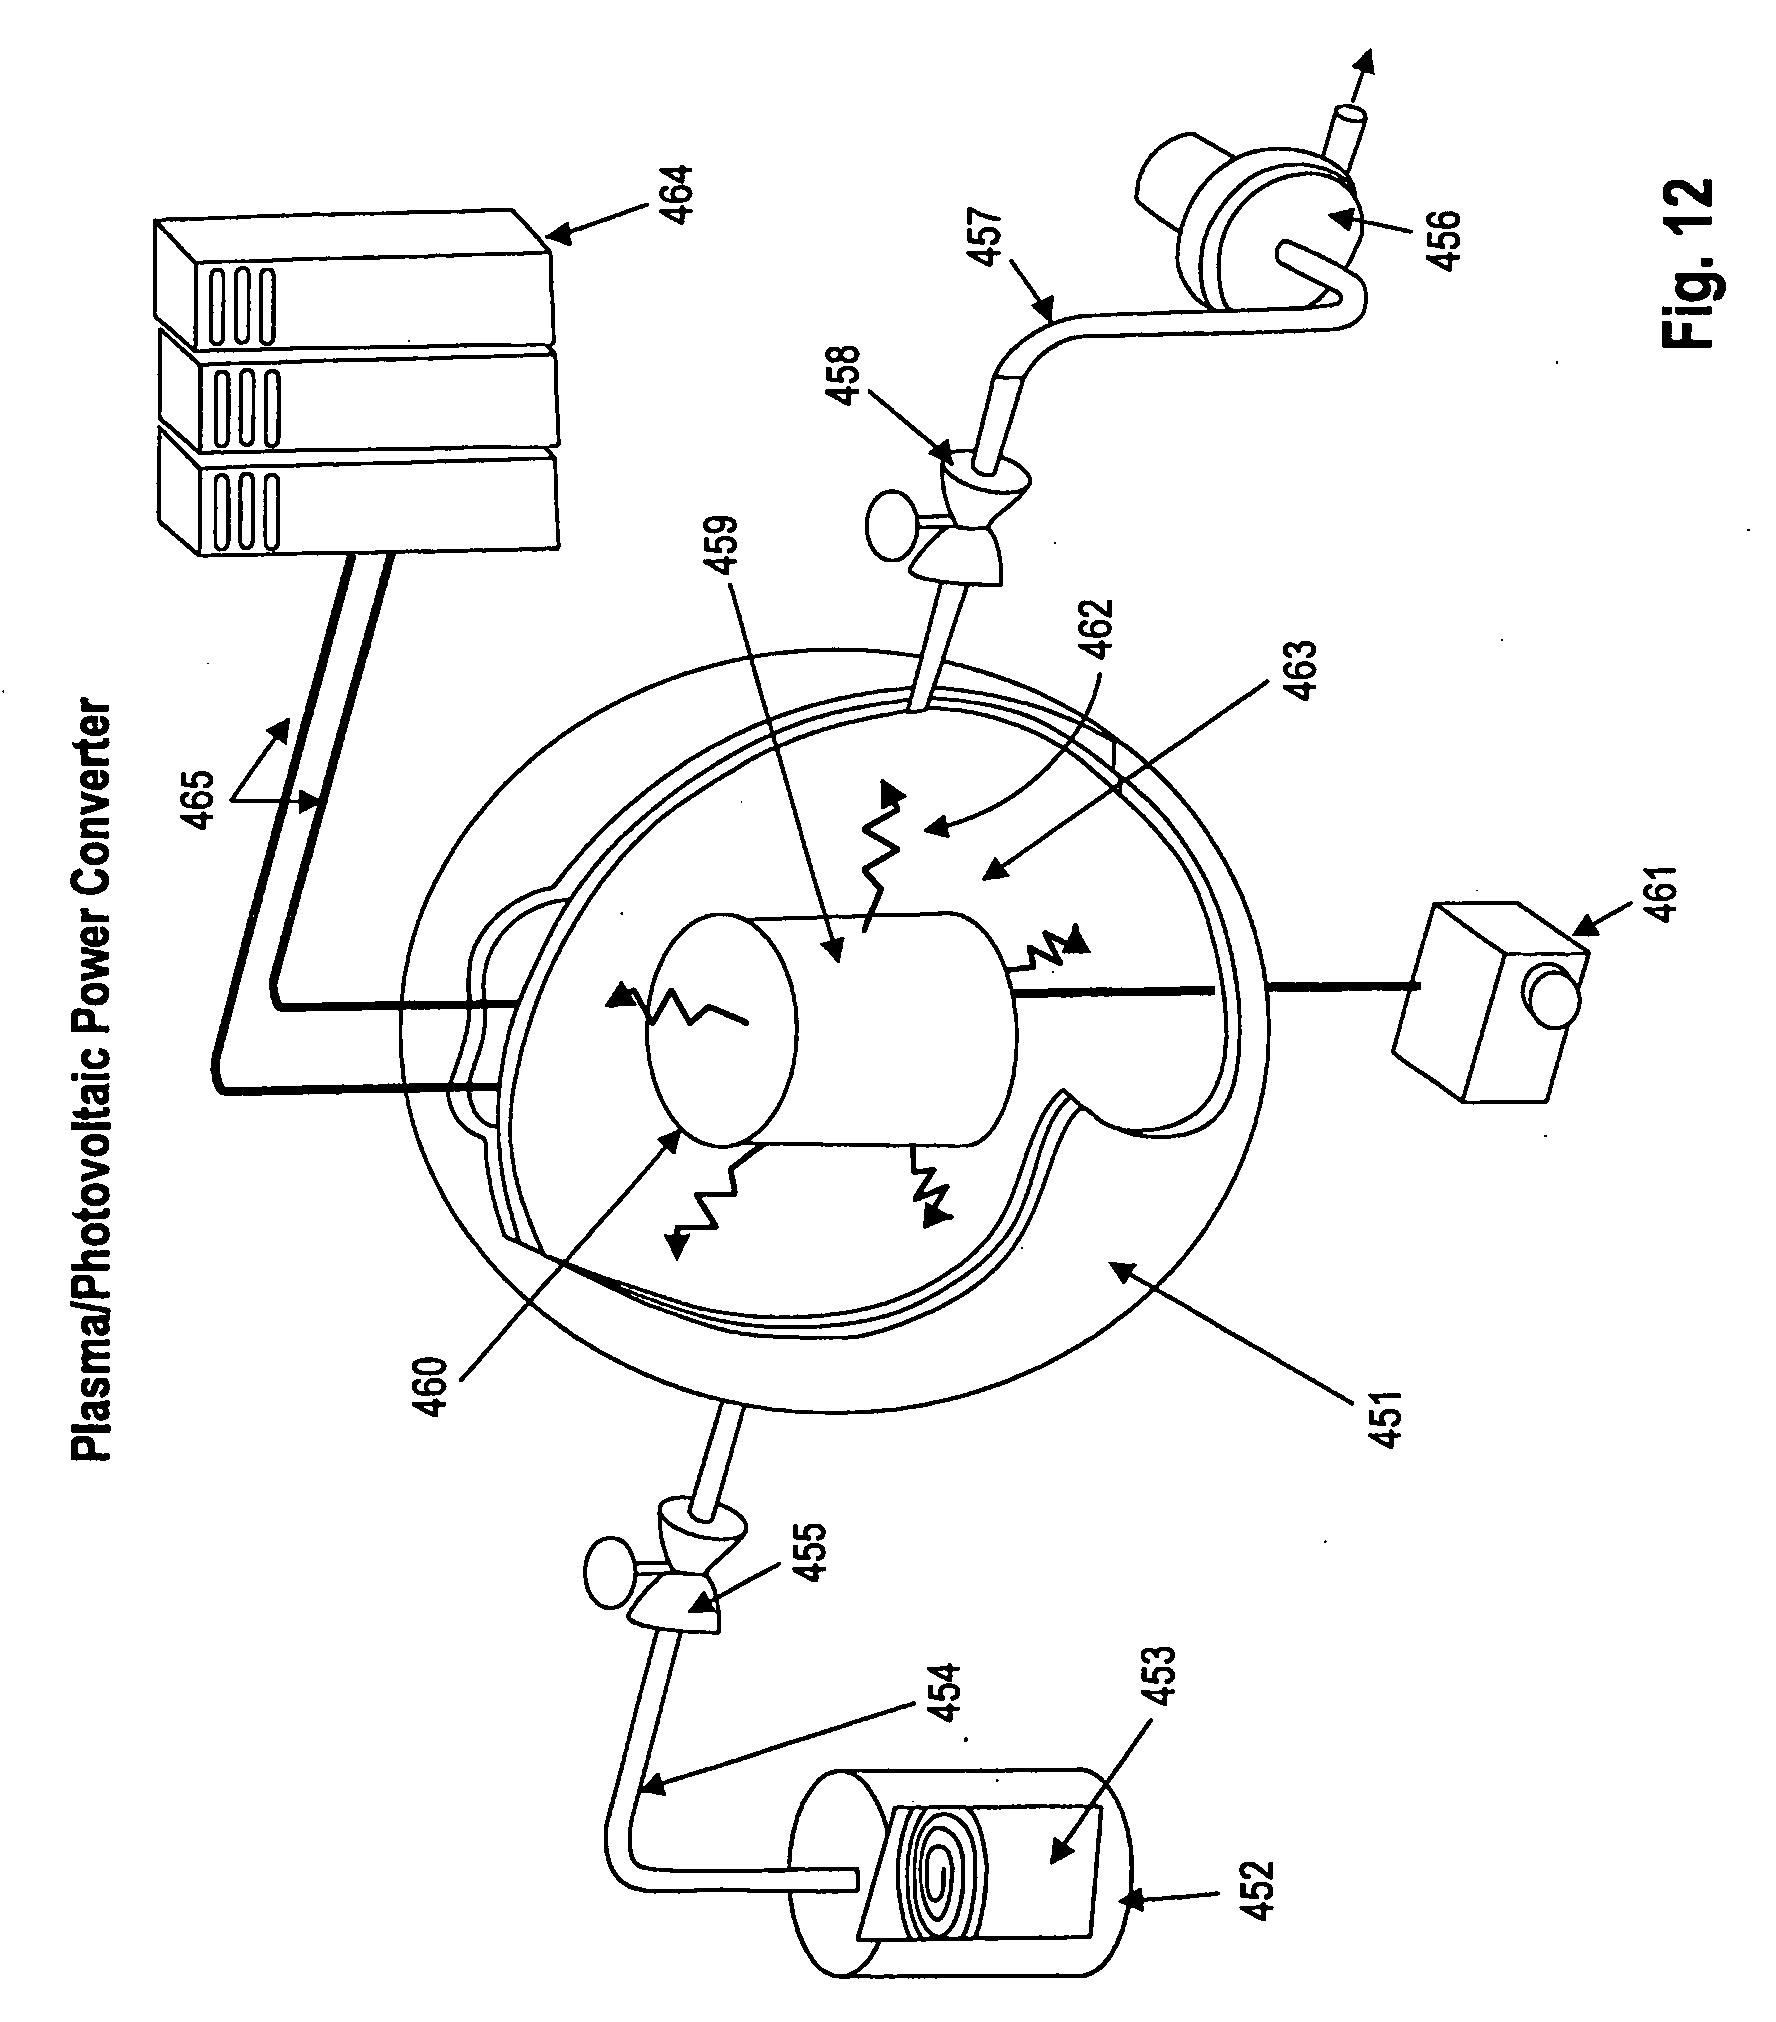 pioneer avh x1500dvd wiring diagram for radio pioneer wiring harness elsavadorla